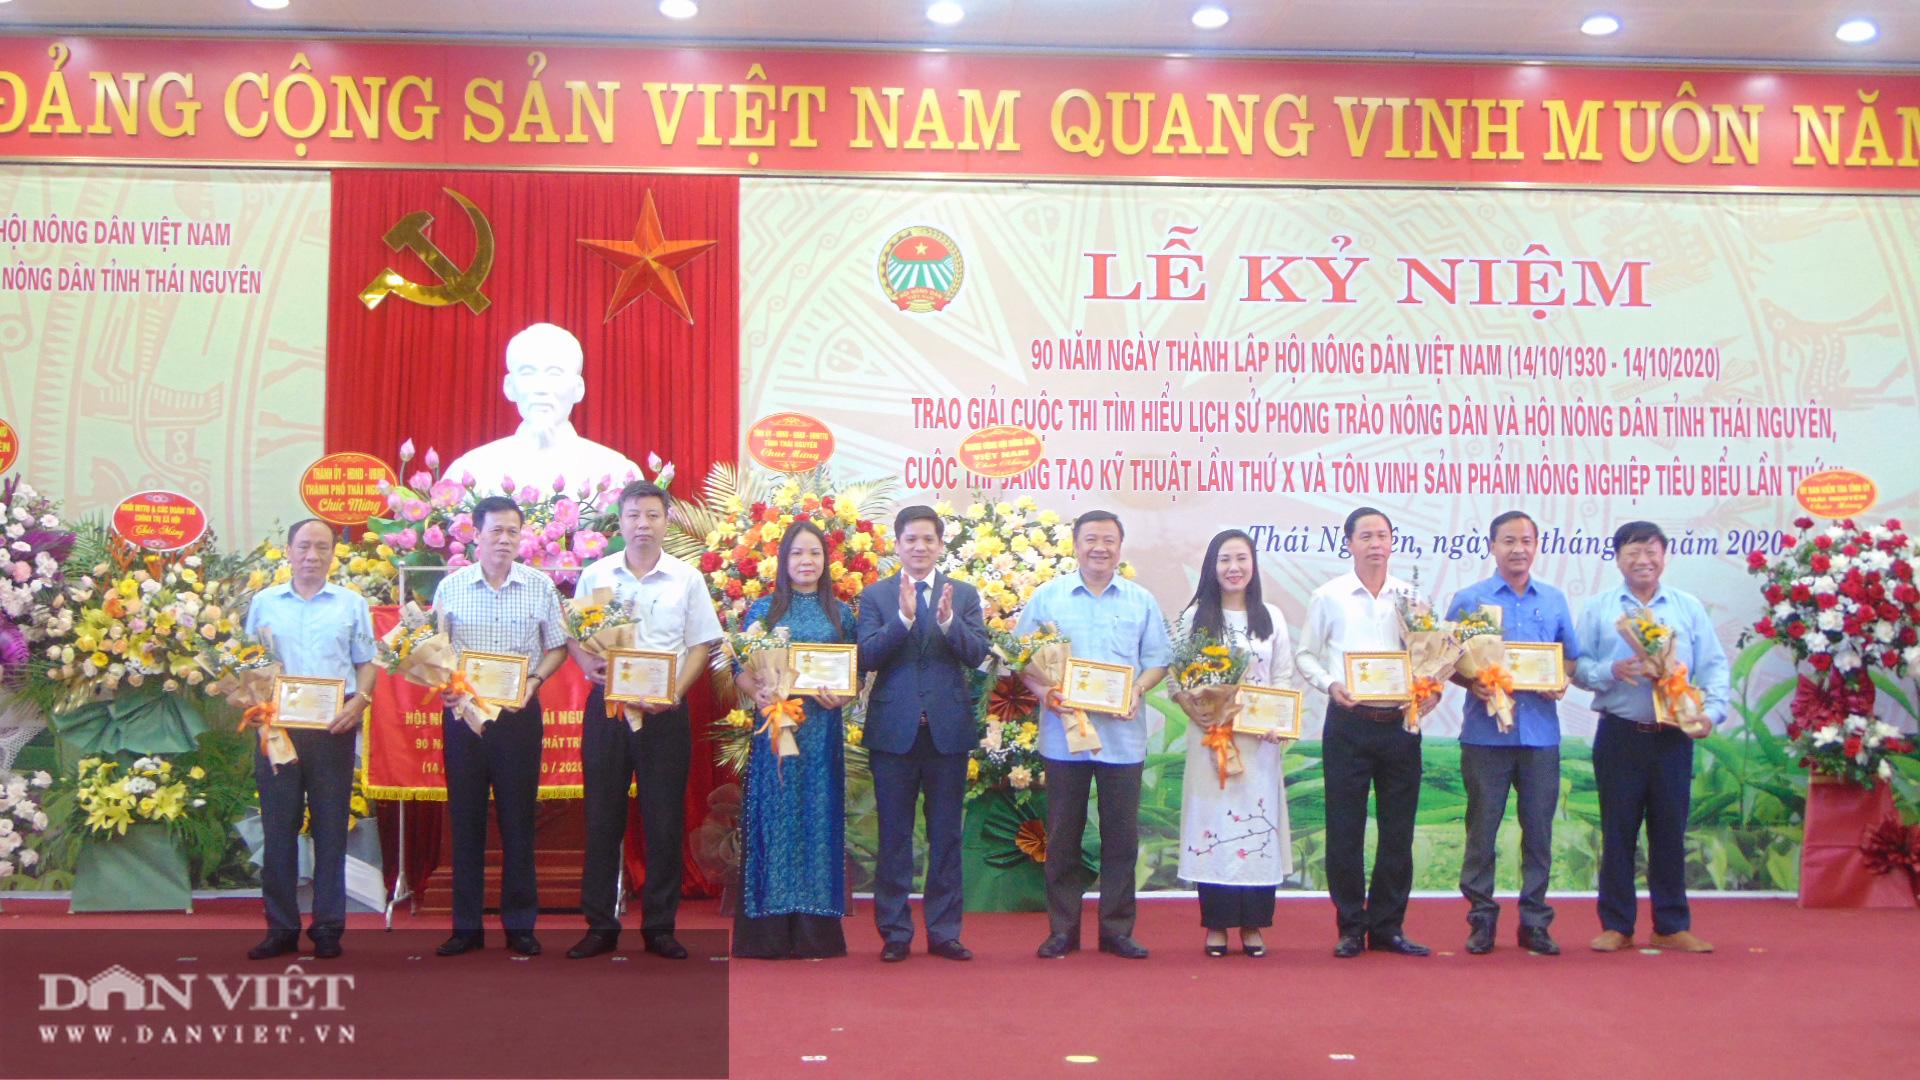 HND tỉnh Thái Nguyên biểu dương nhiều tập thể, cá nhân điển hình tiên tiến và tôn vinh 30 sản phẩm nông nghiệp tiêu biểu - Ảnh 4.